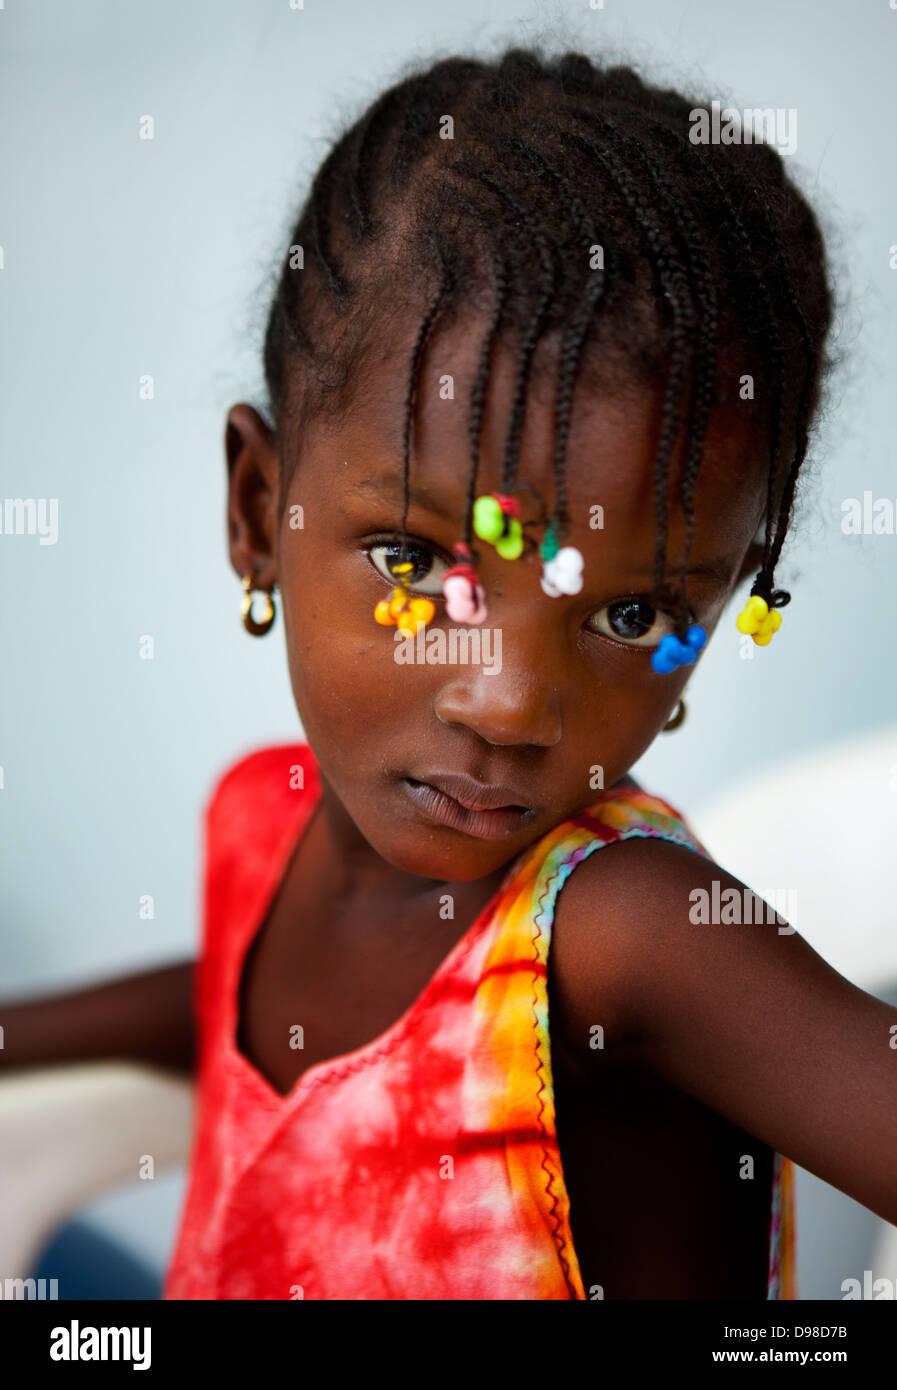 Ritratto di una giovane ragazza, Dakar, Senegal Immagini Stock